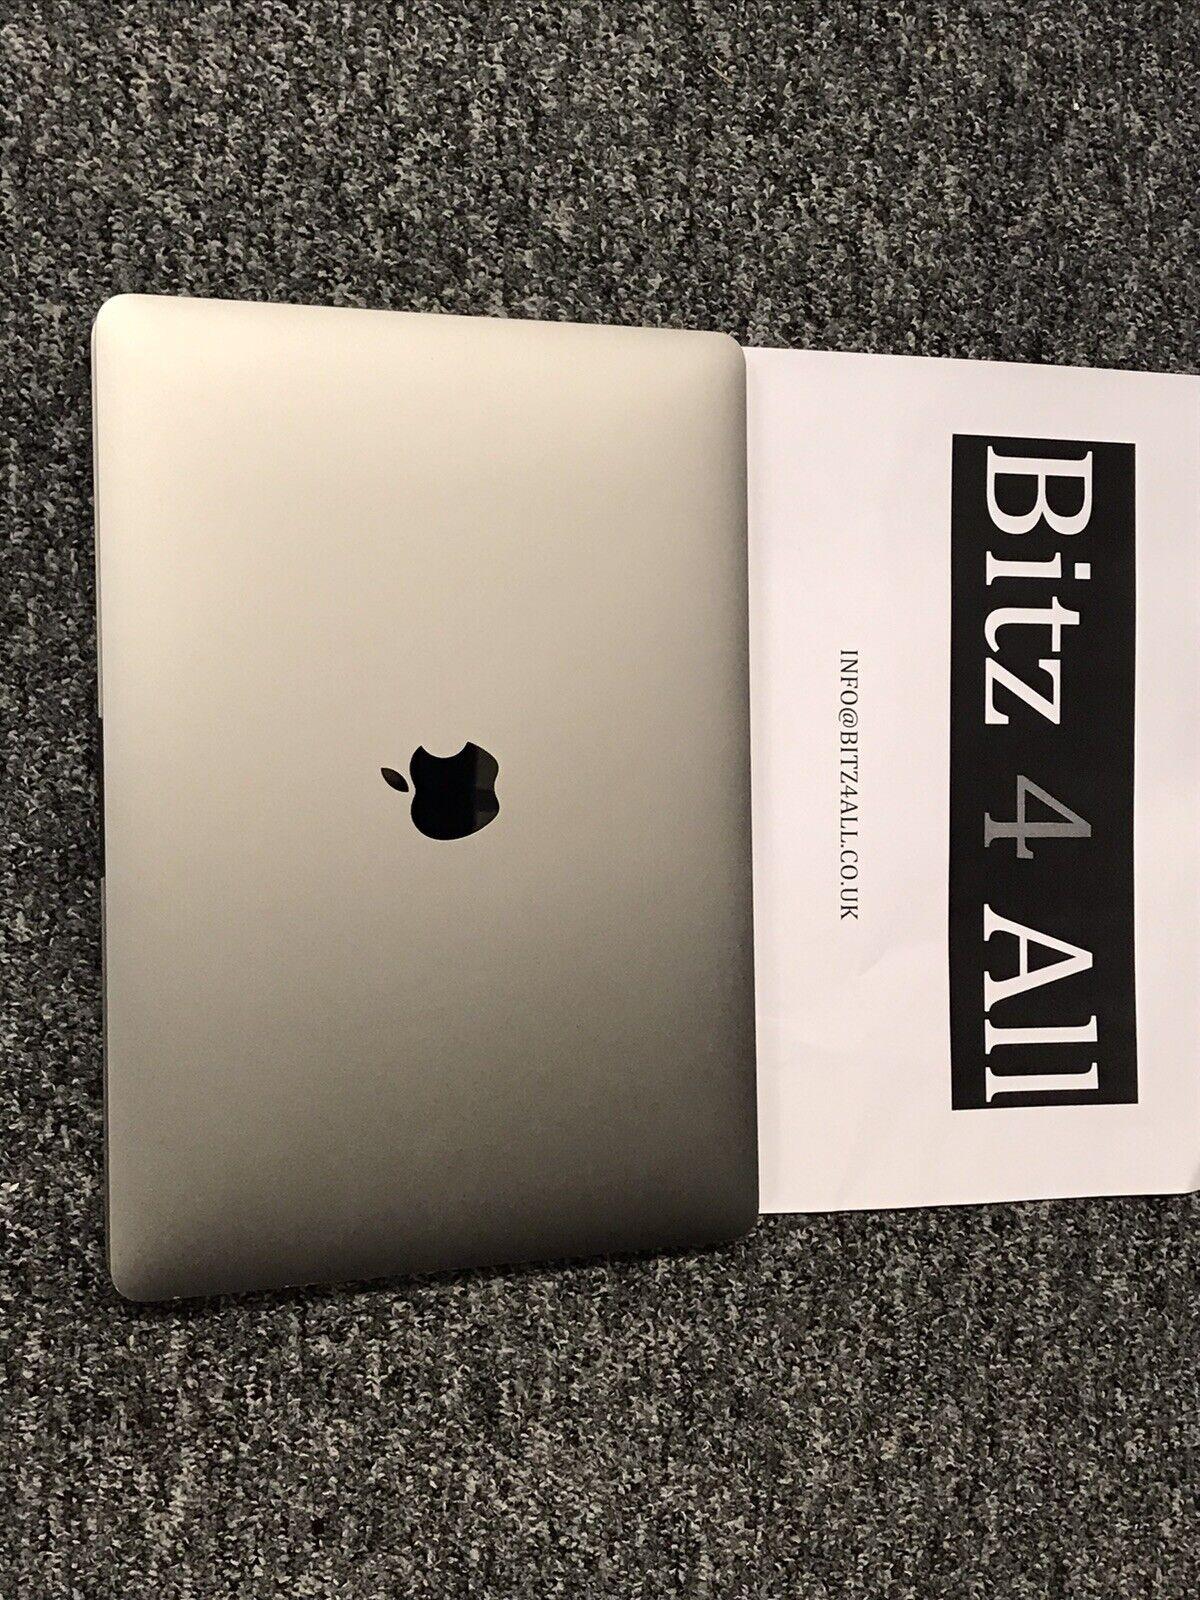 macbook: MacBook Pro 13.3 Core i5 6Th Gen 2.0Ghz 8GB 256GB Grey (Late 2016) A Grade Sale